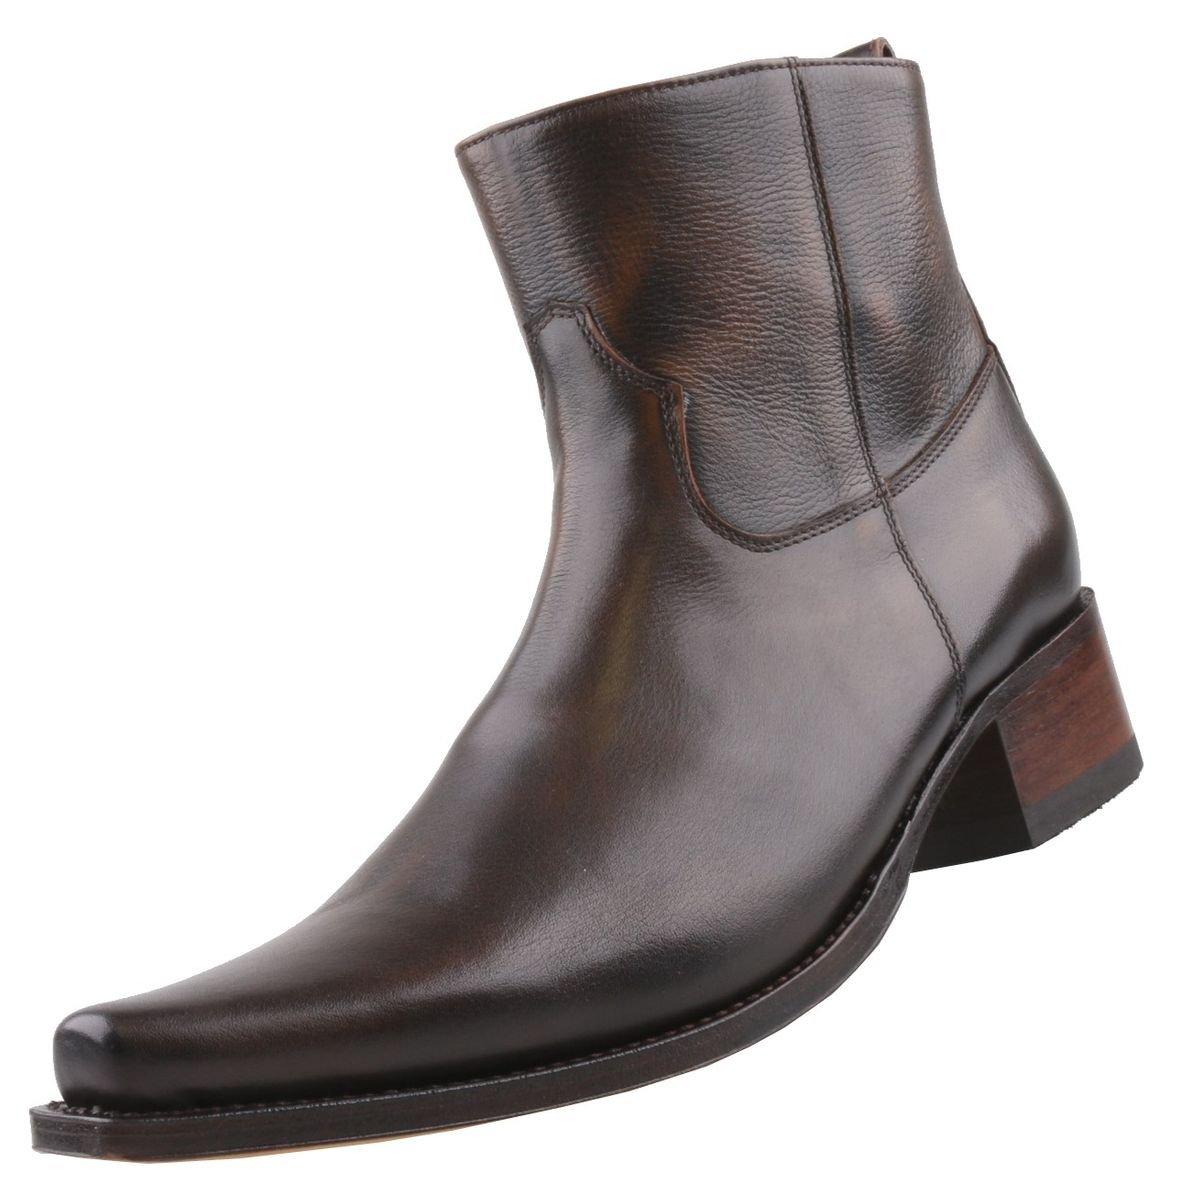 Mr.   Ms. Sendra stivali - Stivali western Uomo Forte calore e resistenza all'usura di moda meraviglioso | modello di moda  | Uomo/Donne Scarpa